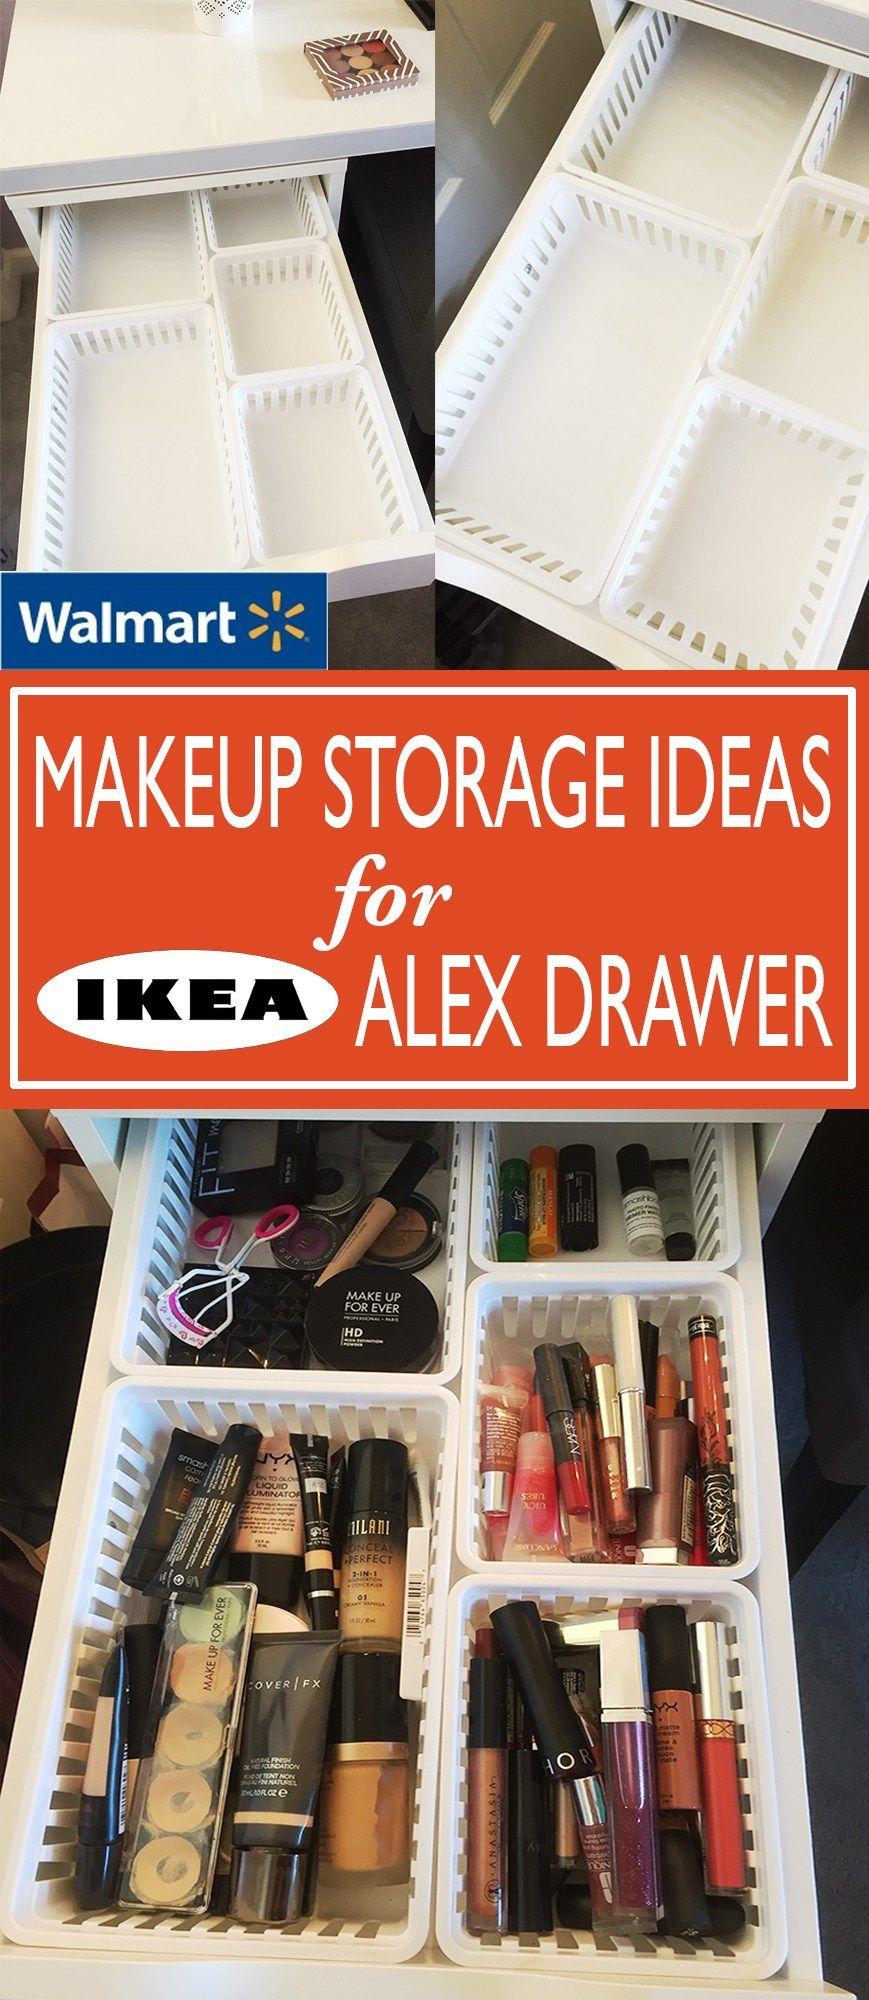 Walmart Makeup Storage Ideas For Ikea Alex Drawers Ikea Alex